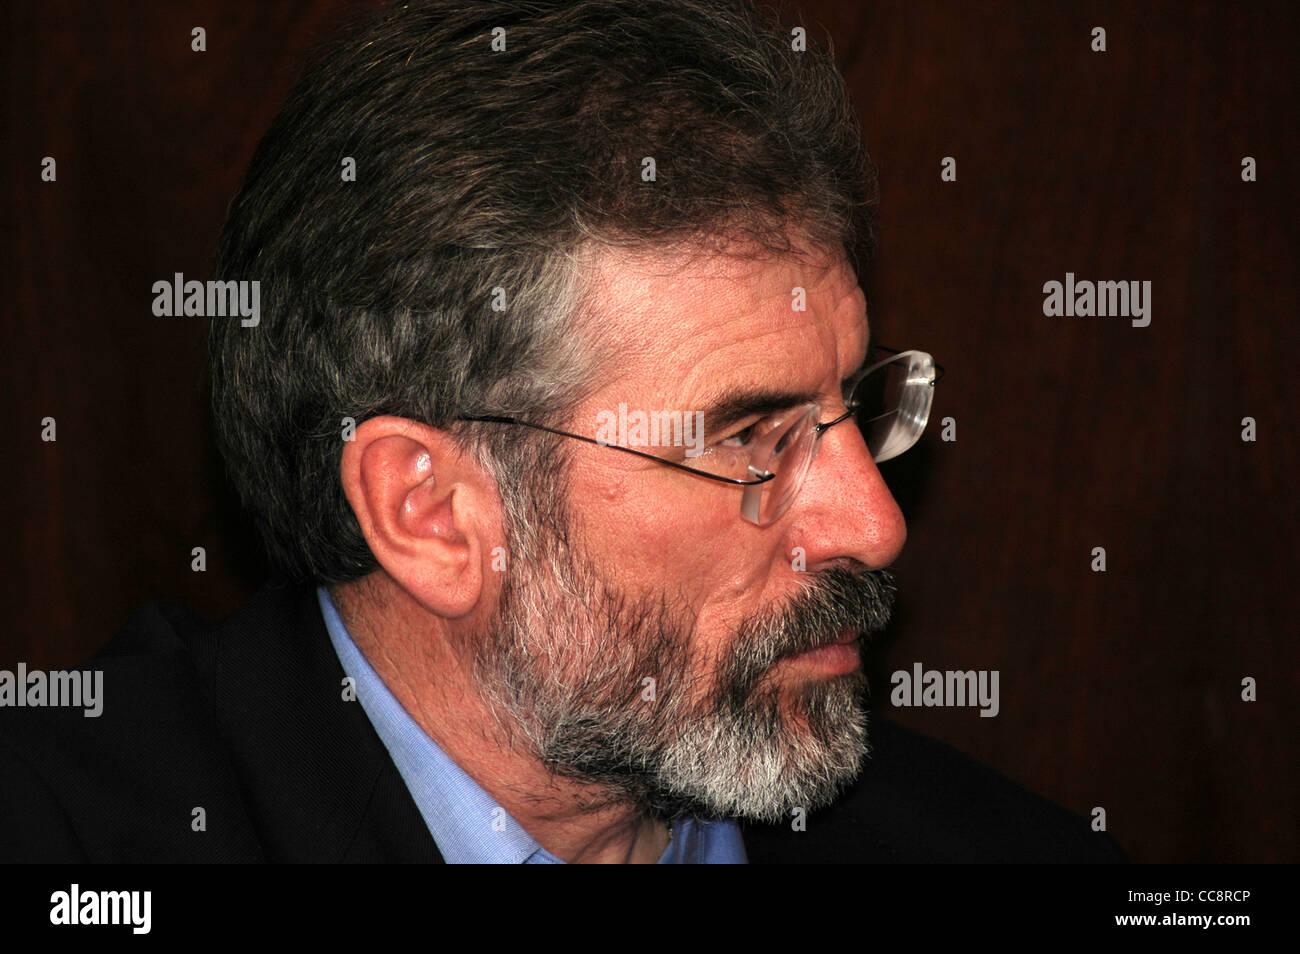 Gerry Adams, Sinn Féin Präsident und Mitglied des irischen Parlaments. Stockbild